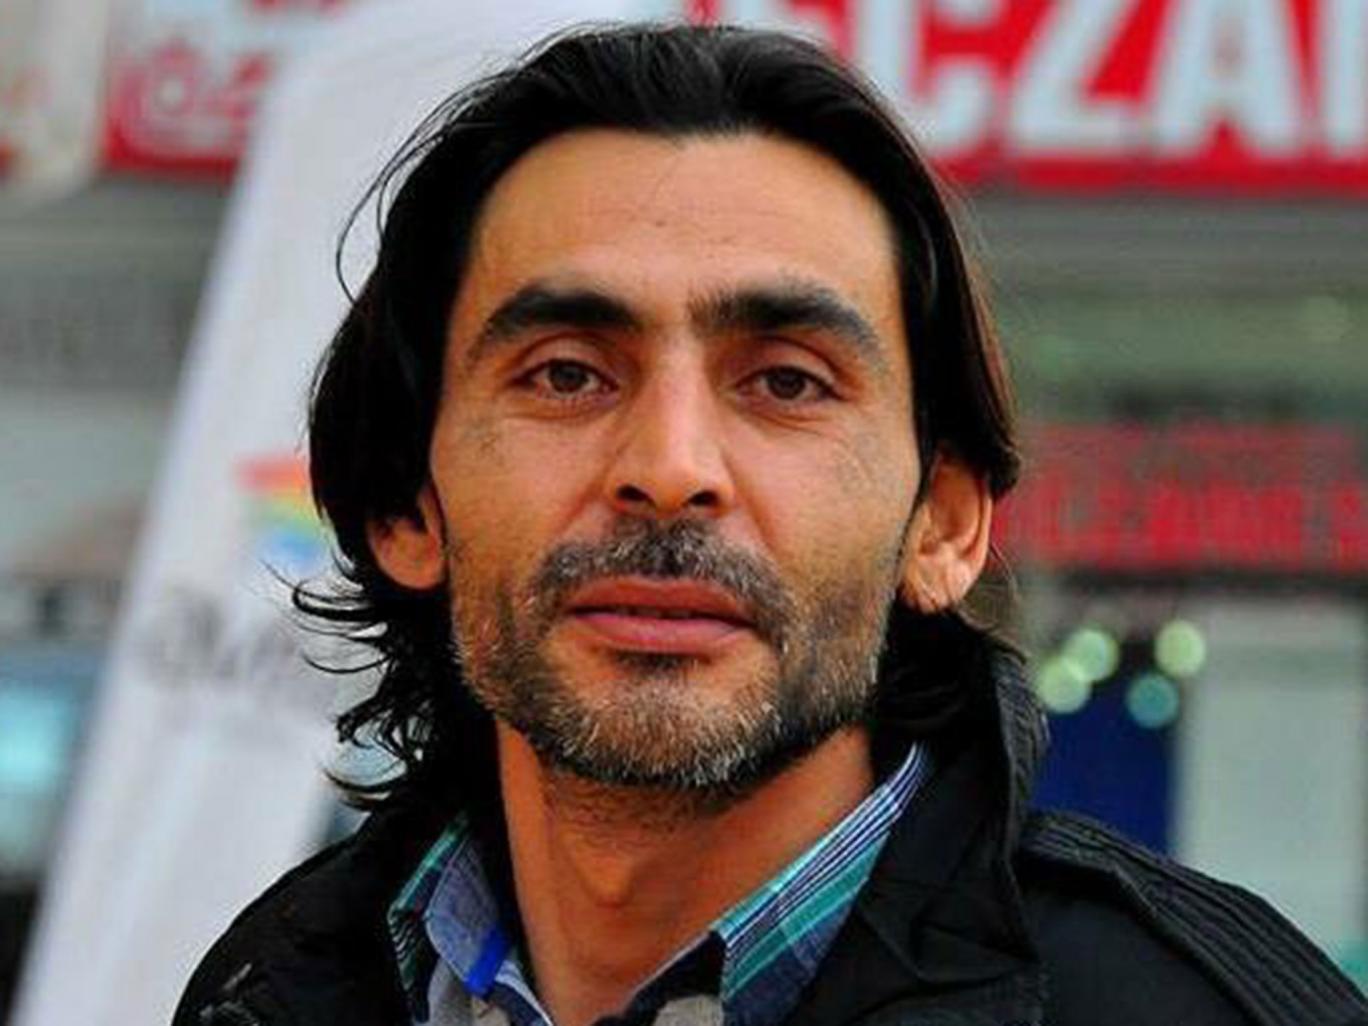 قتل فیلمساز و روزنامهنگار سوری در ترکیه